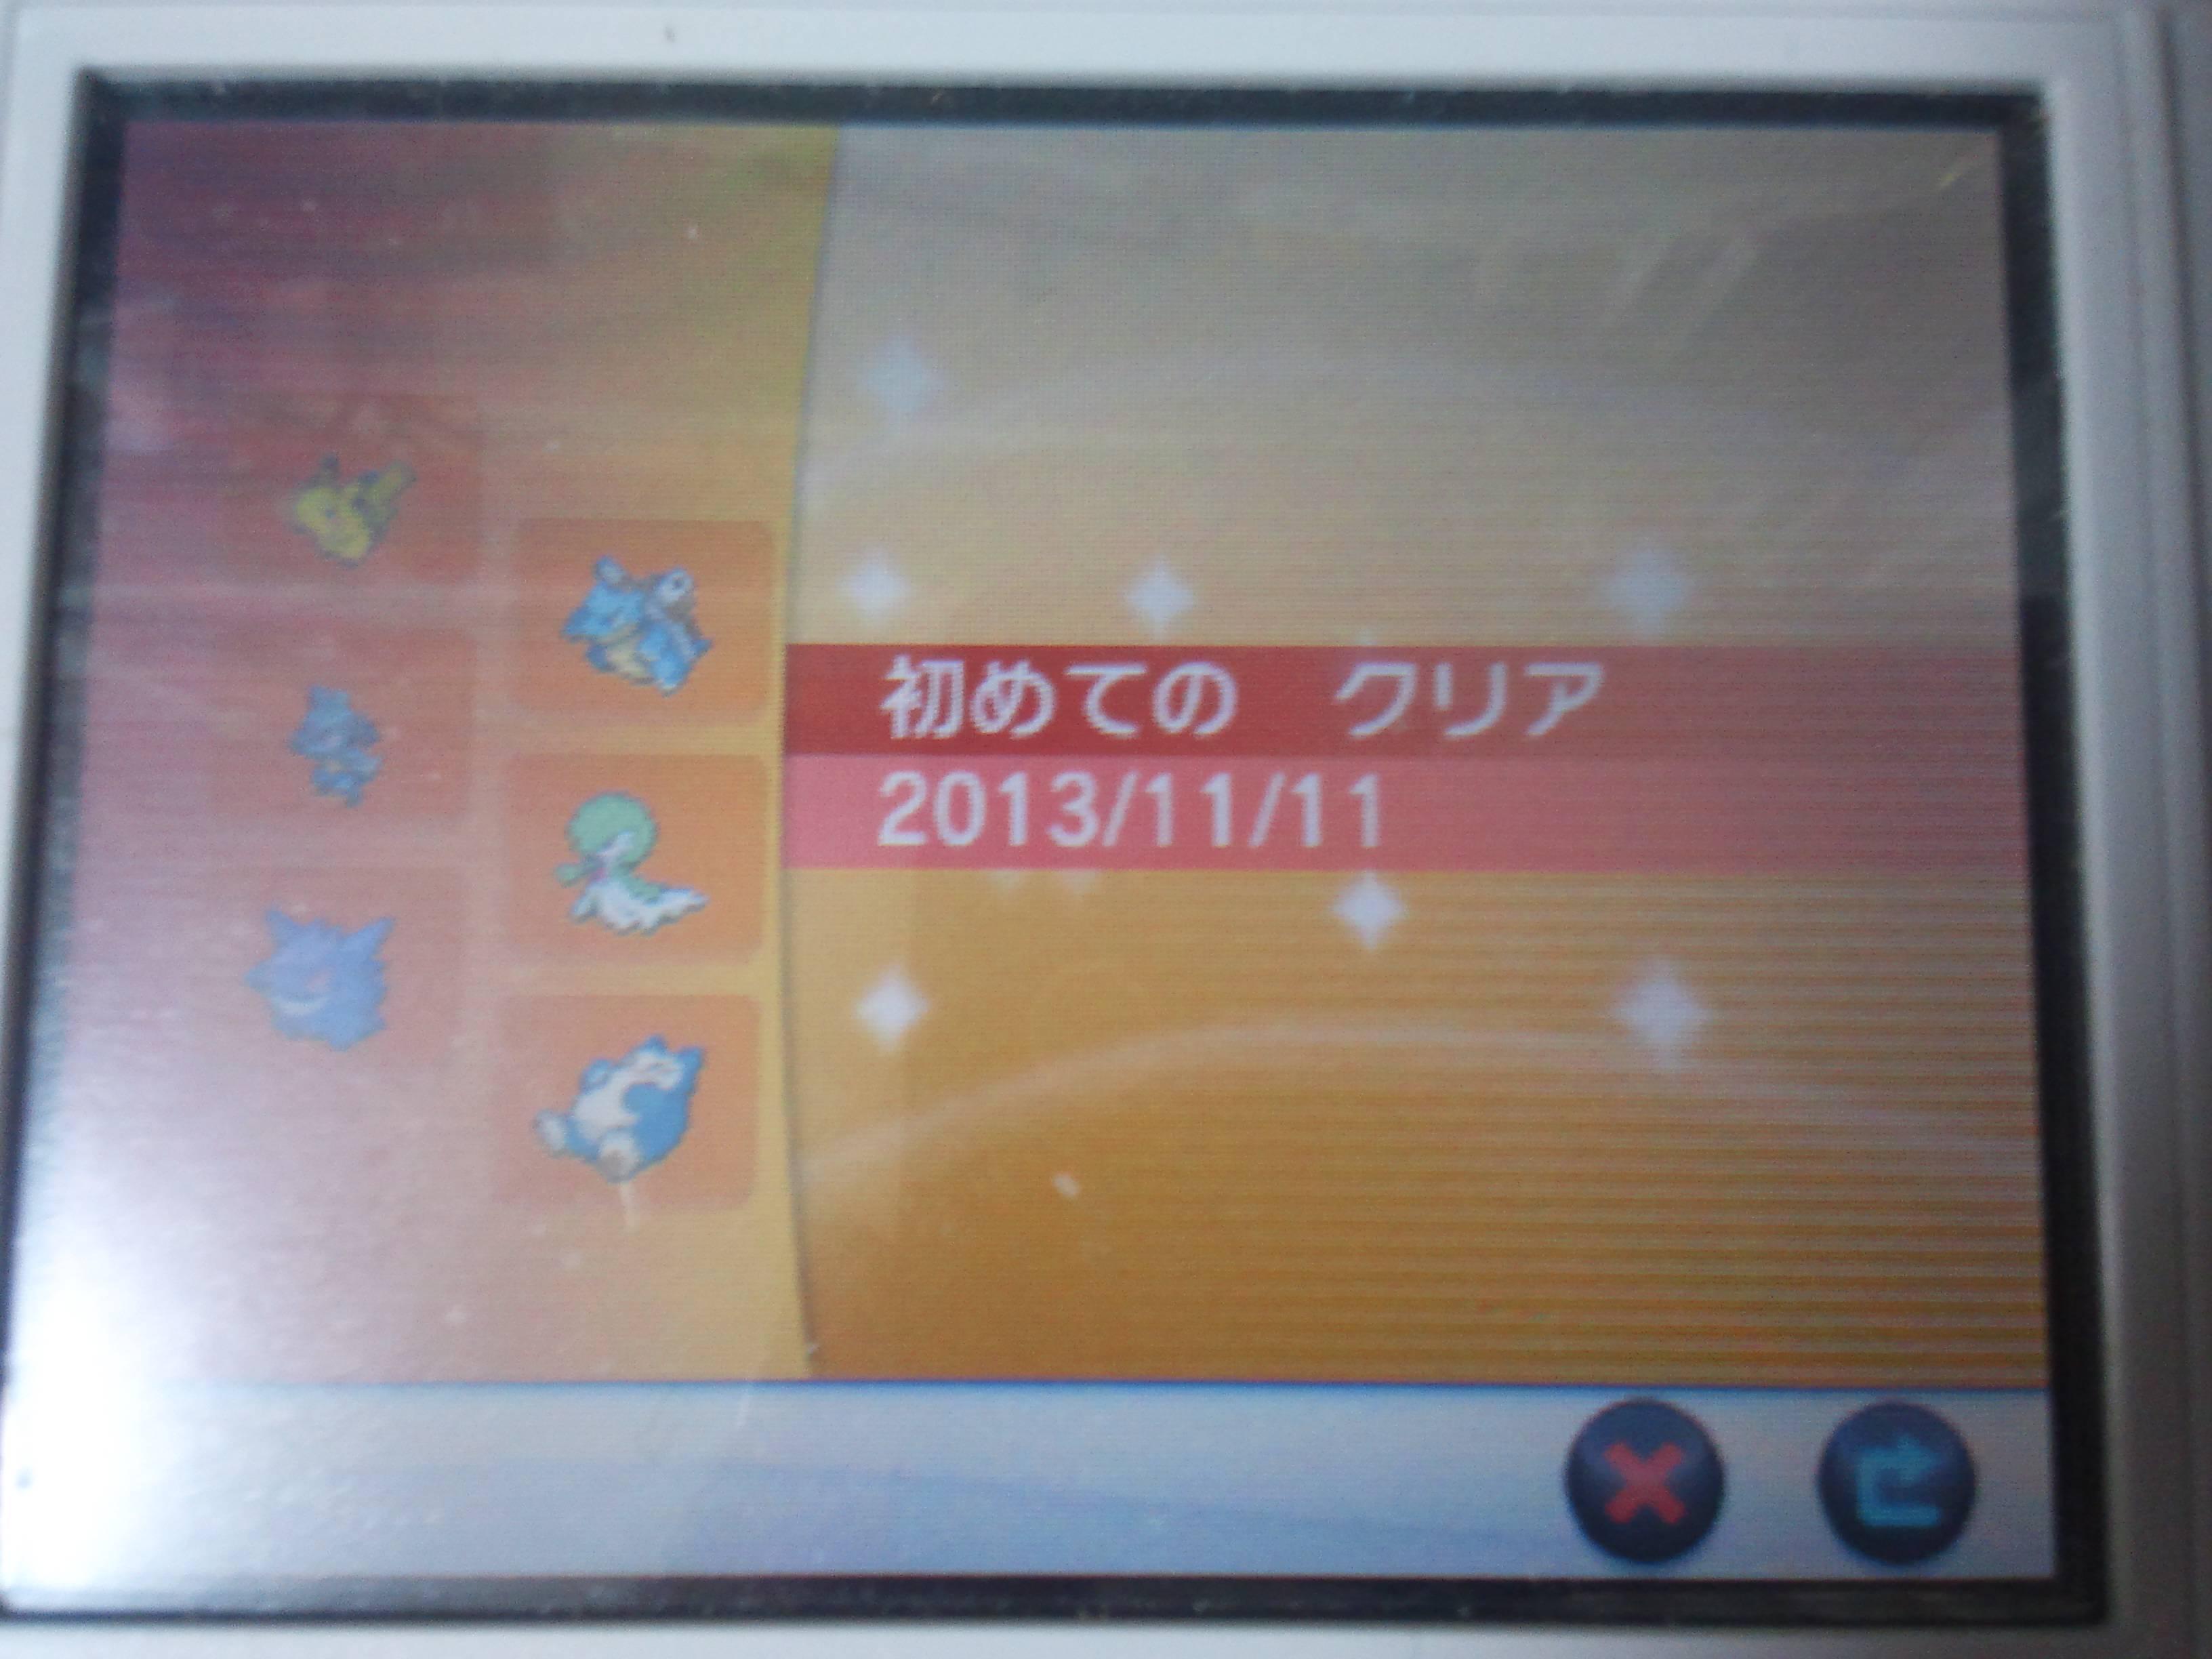 2013-12-22 22.46.06.jpg